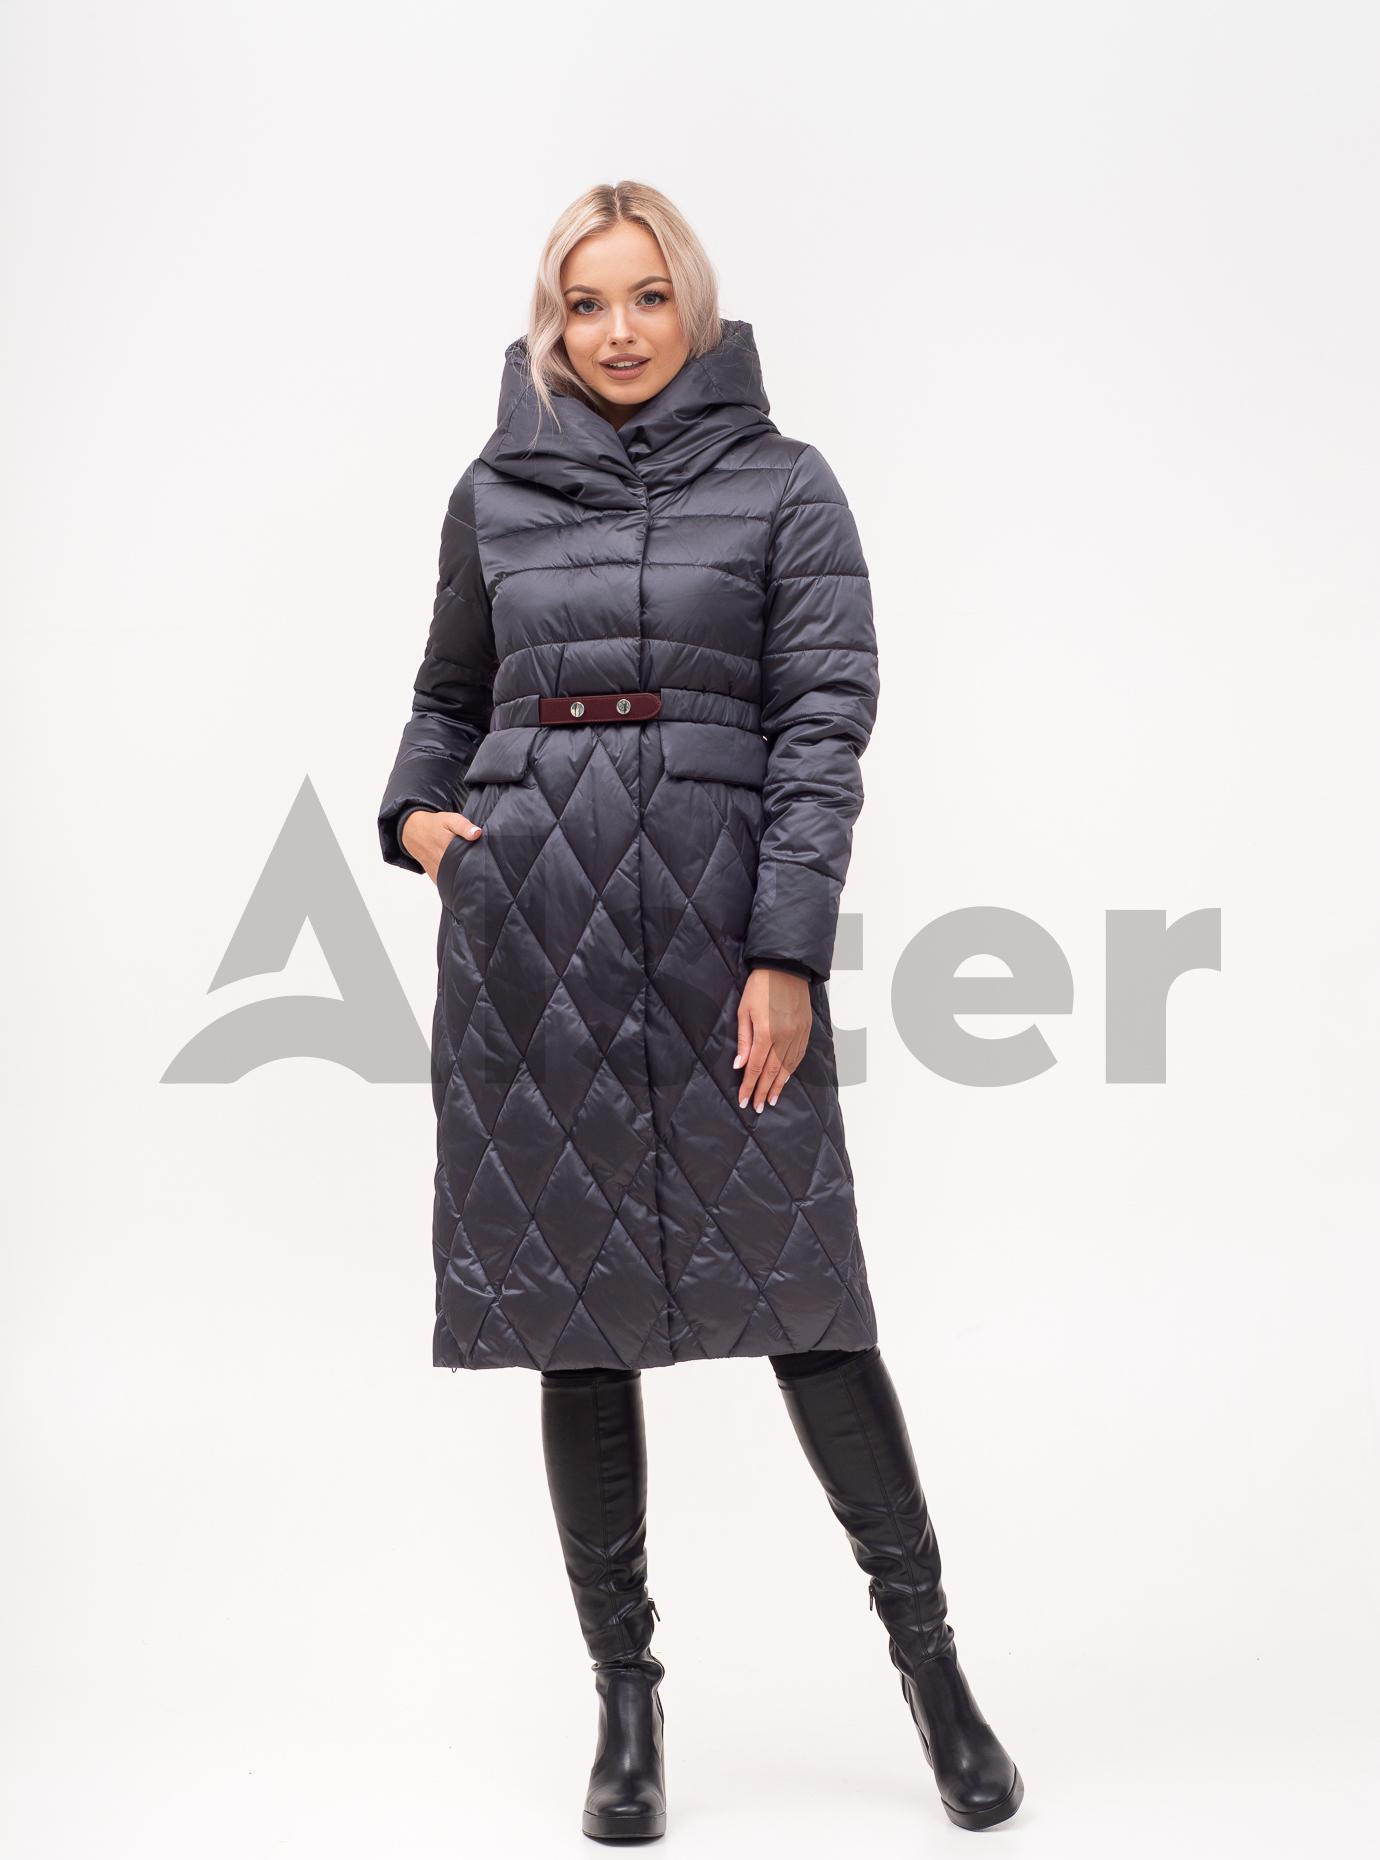 Пальто зимове з поясом Графітовий 42 (01-N200227): фото - Alster.ua